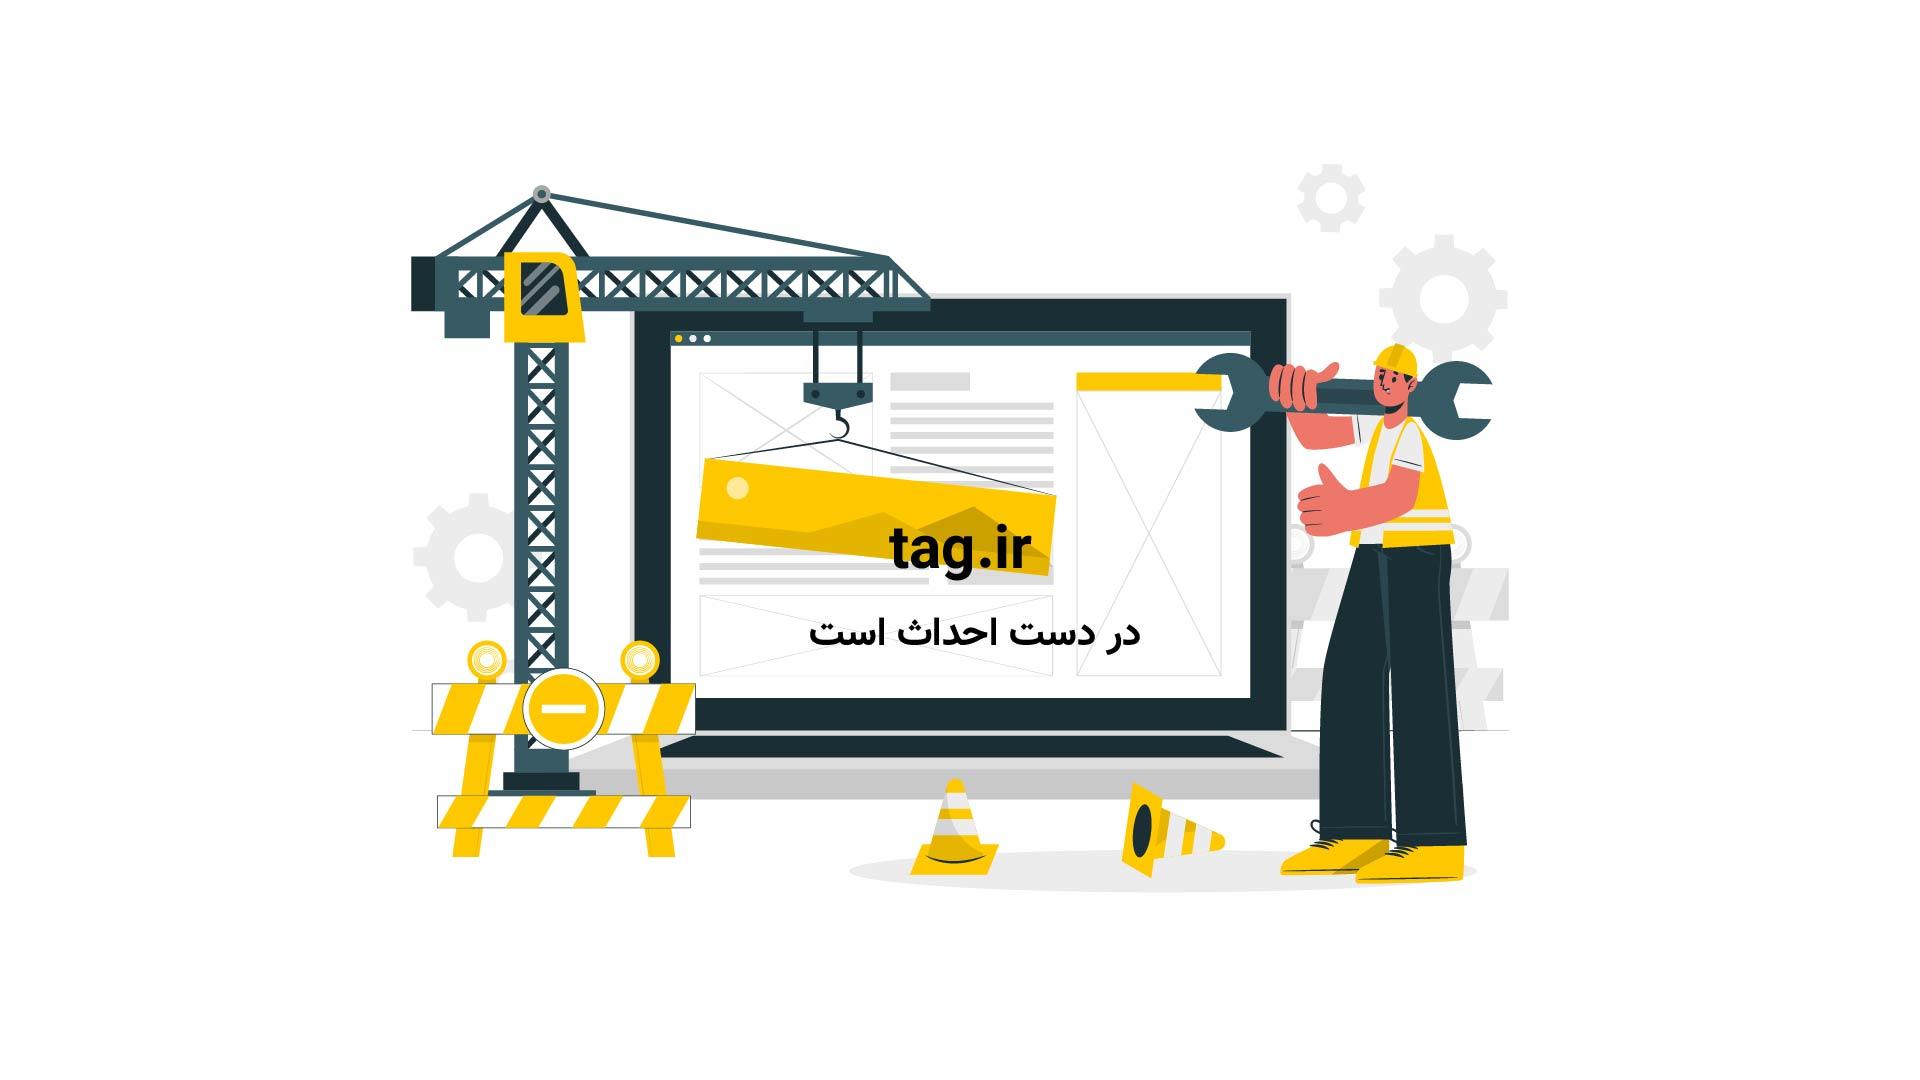 داستانی زیبا و آموزنده از نوع دوستی اهالی روستایی در اسپانیا   فیلم